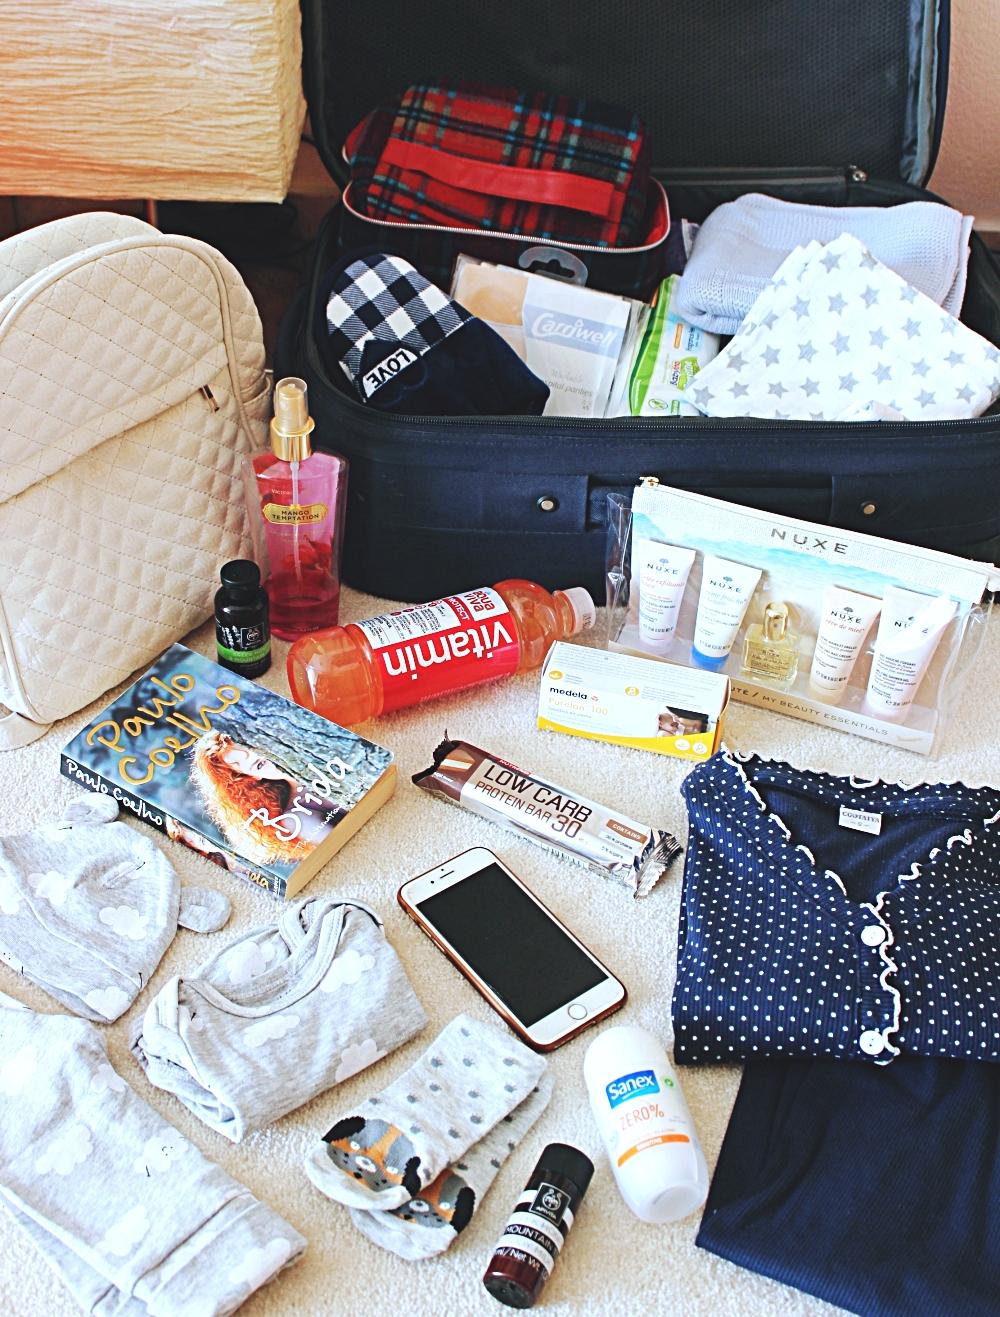 sta treba spakovati u torbu za porodiliste za mamu i dete, trudnicki saveti za porodjaj